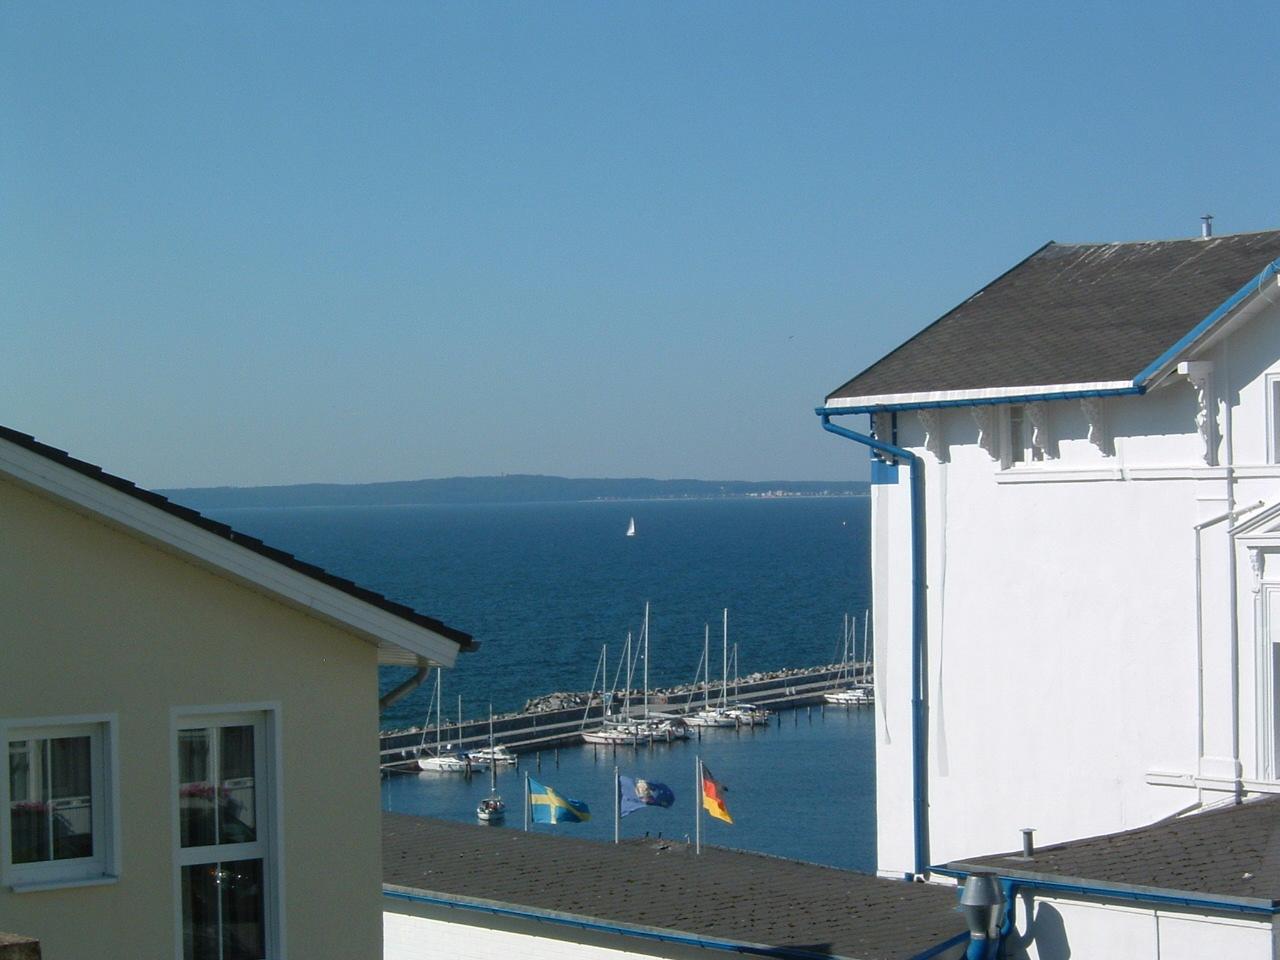 Haus Victoria Penthaus 12 - Balkon mit Meerblick und Strandkorb